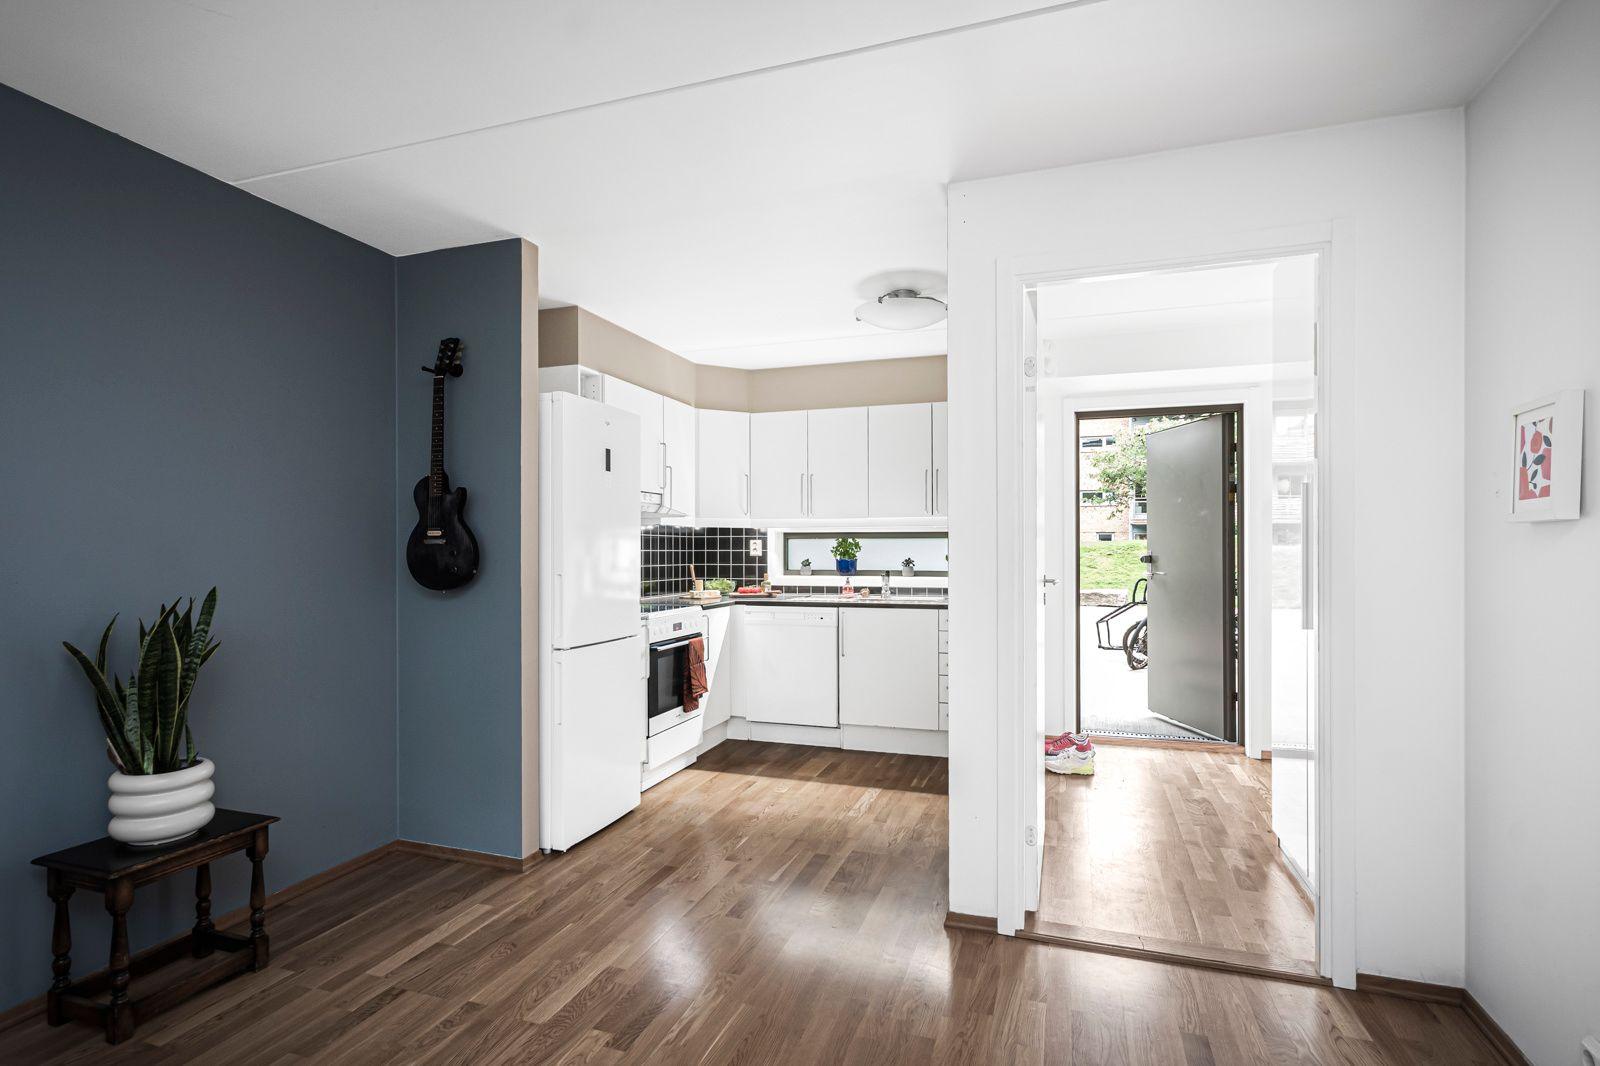 Alnagata 20B Komfyr med keramisk platetopp, oppvaskmaskin og kombinert kjøleskap med frys (2017) medfølger handelen.